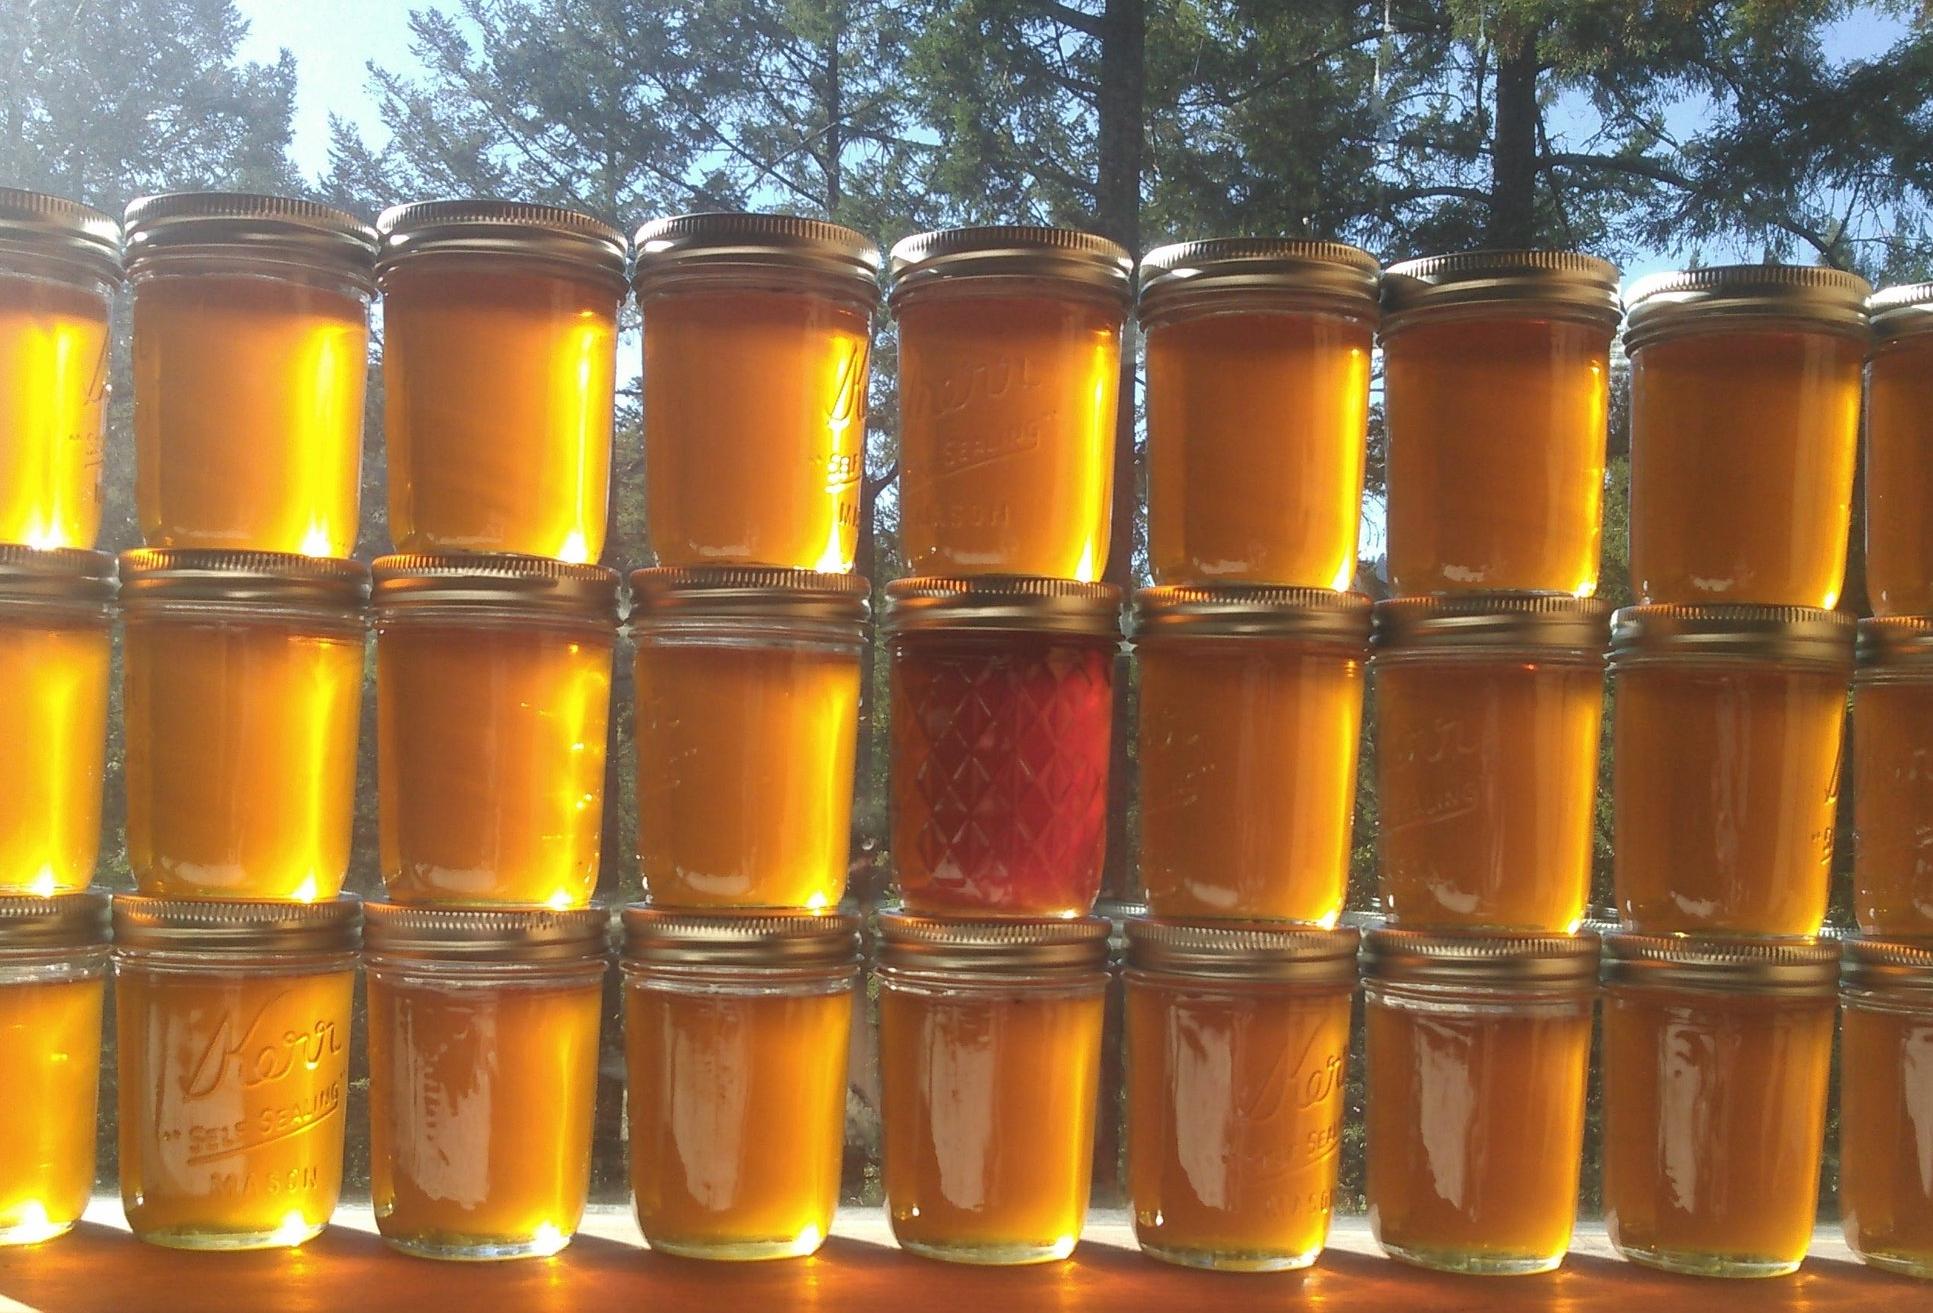 Harvested honey